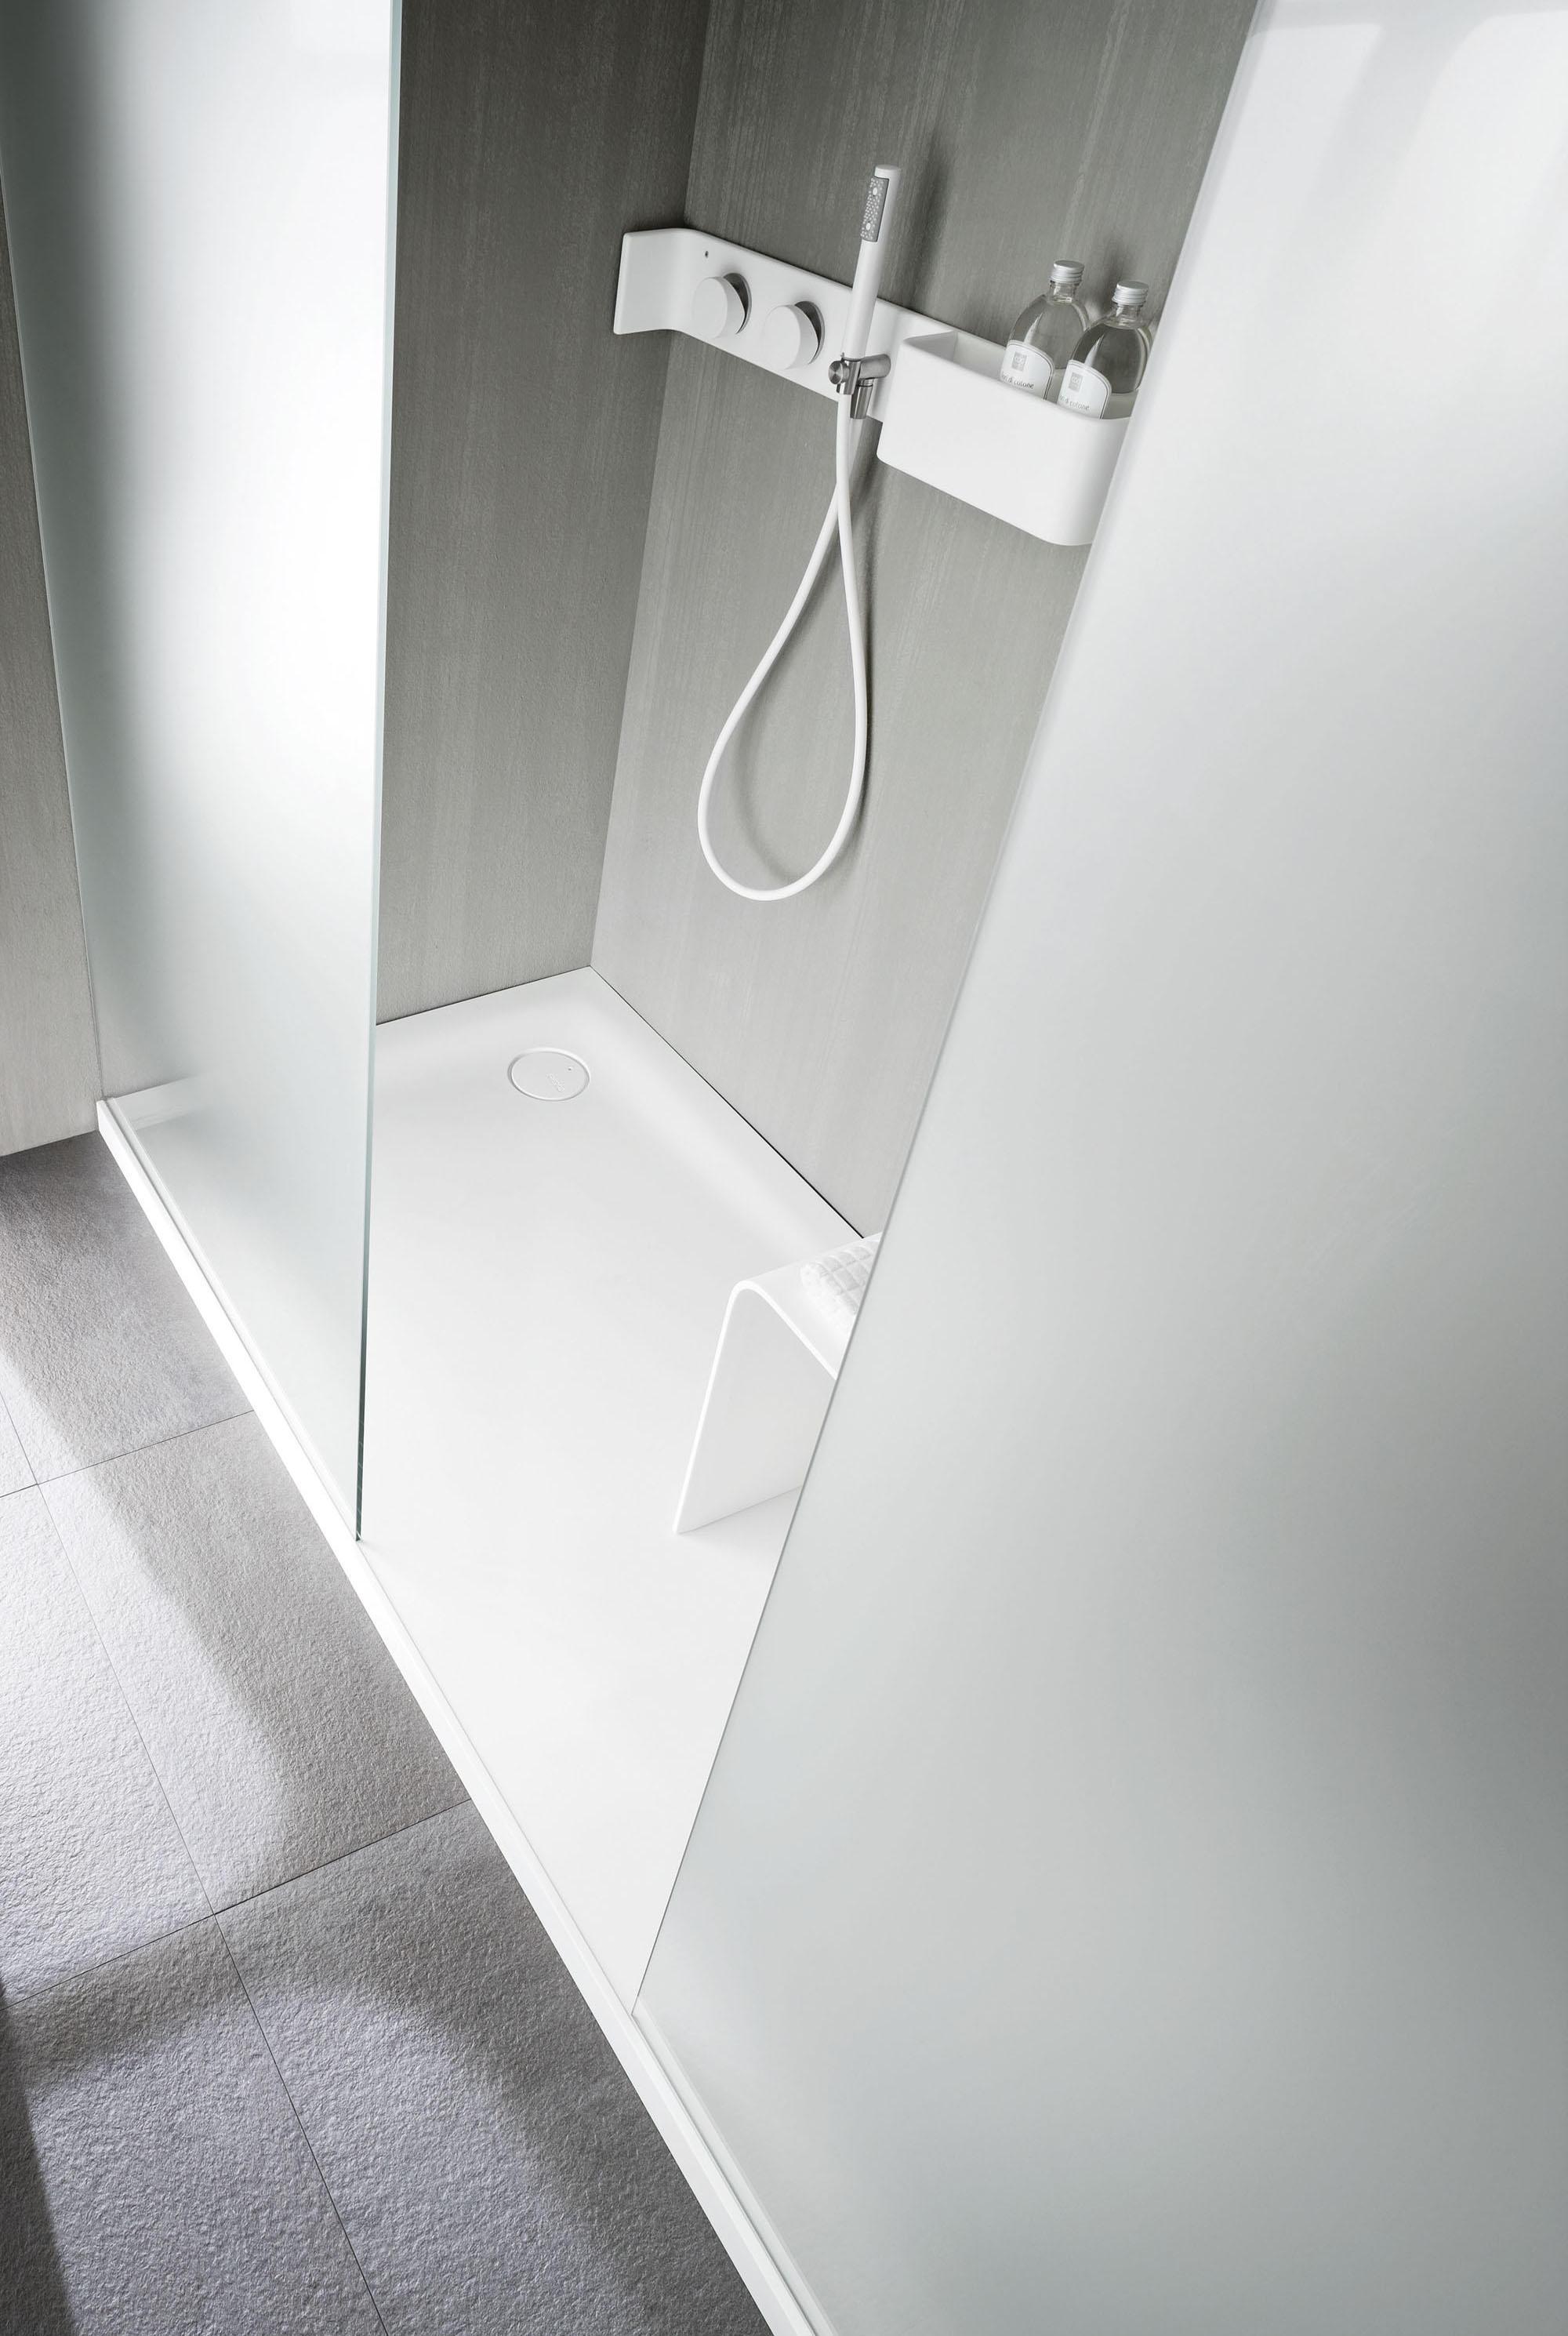 duschabtrennungen ergo_nomic dusche mit schliessung von rexa design duschabtrennungen - Corian Dusche Osterreich